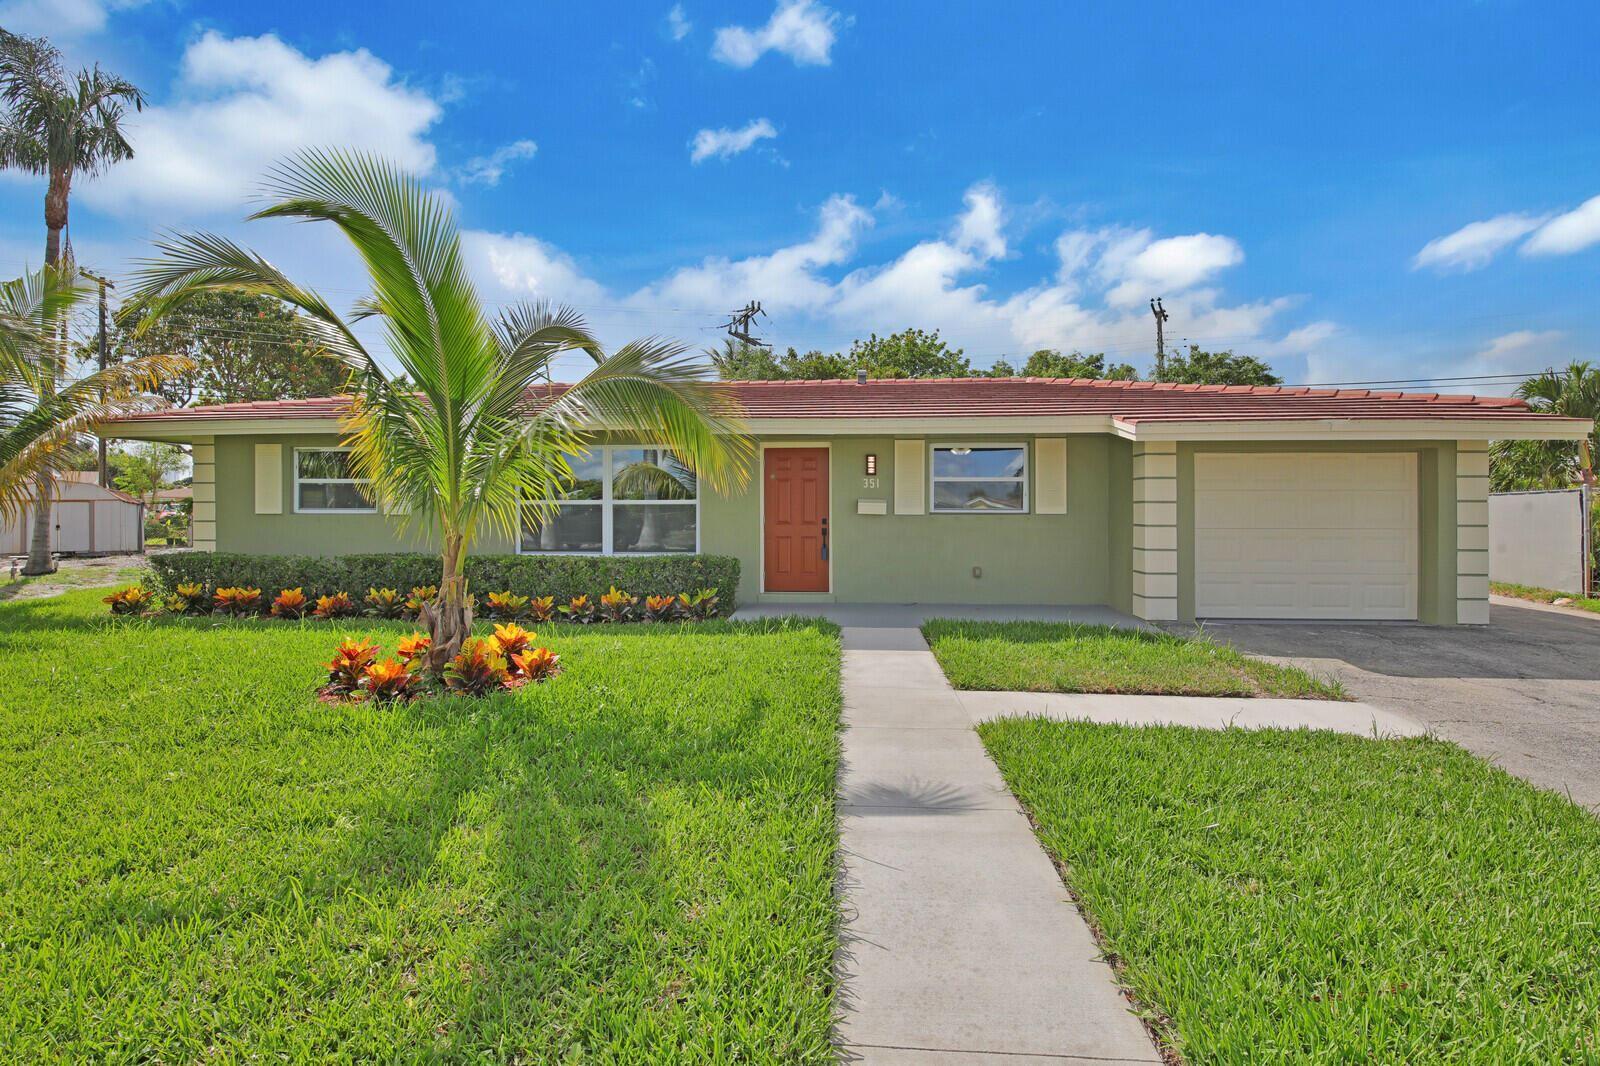 Photo of 351 W 30th Street, Riviera Beach, FL 33404 (MLS # RX-10714179)